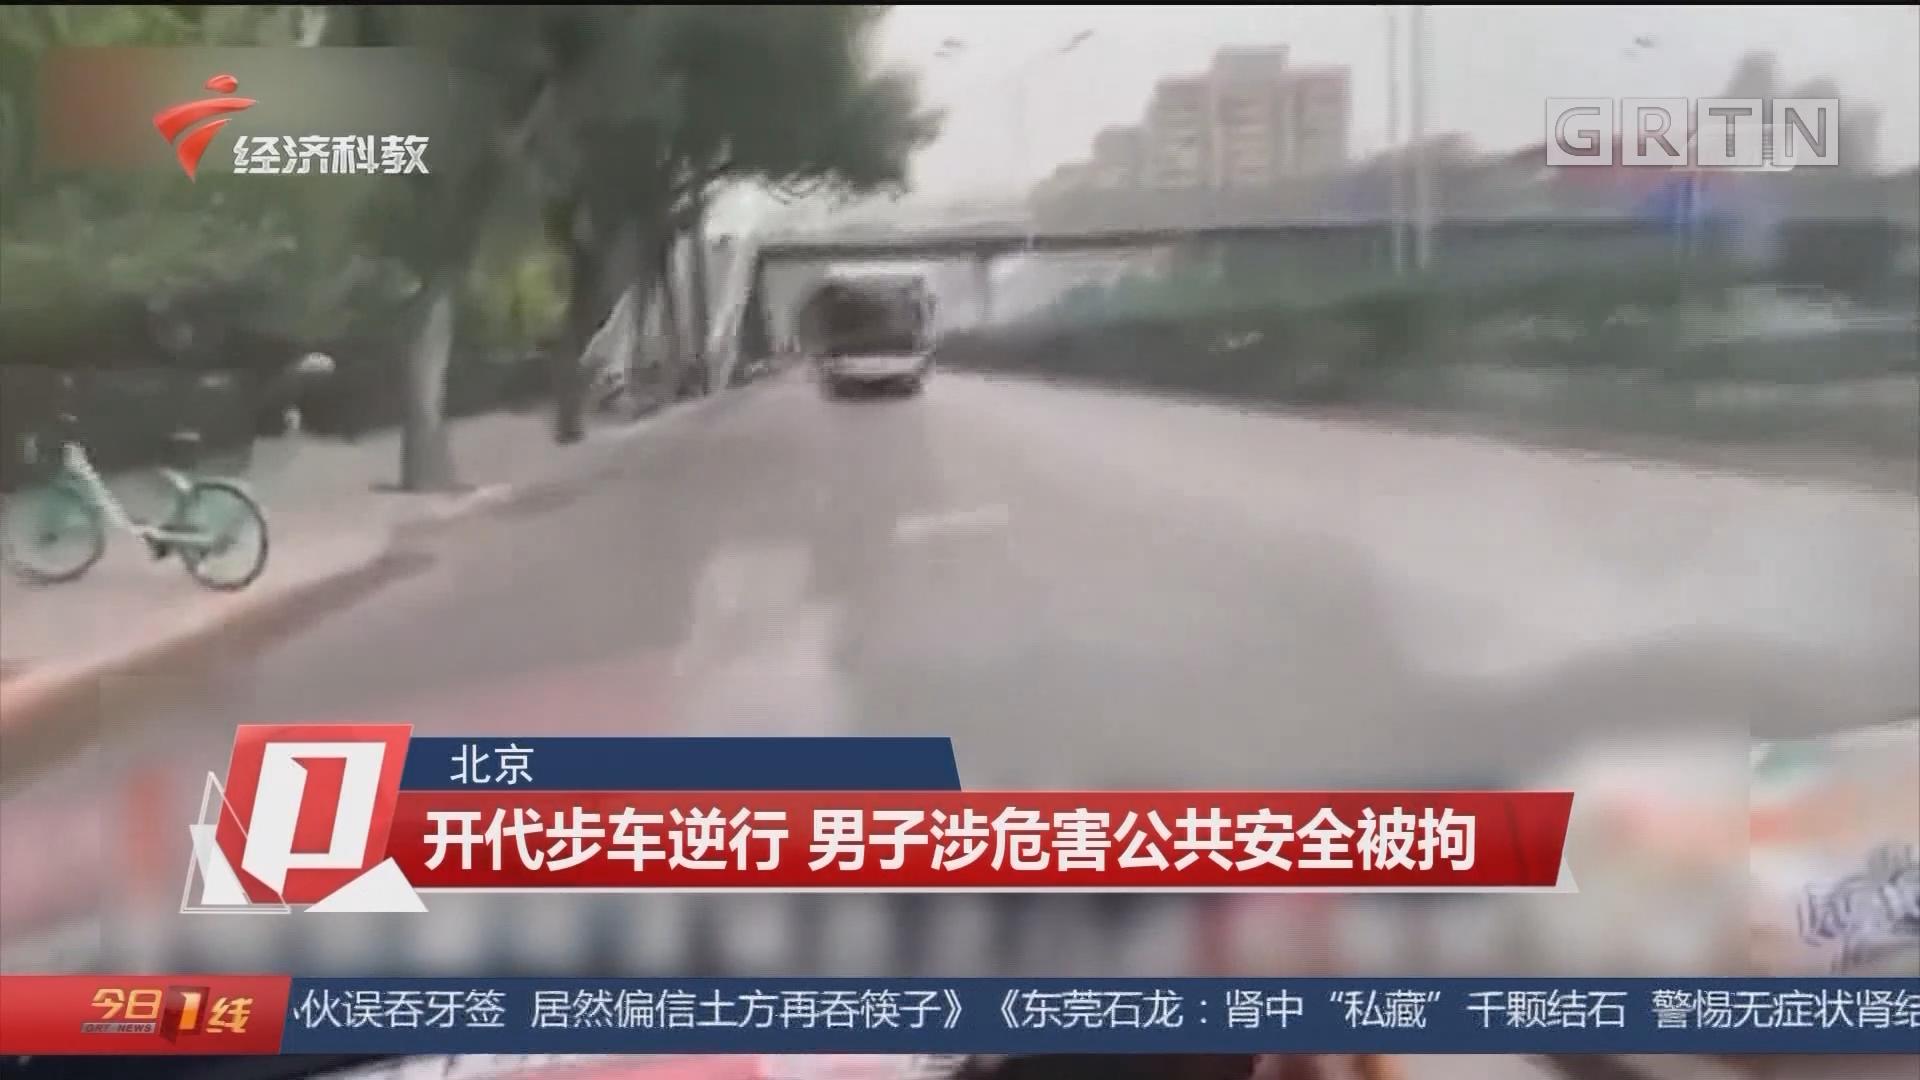 北京 開代步車逆行 男子涉危害公共安全被拘